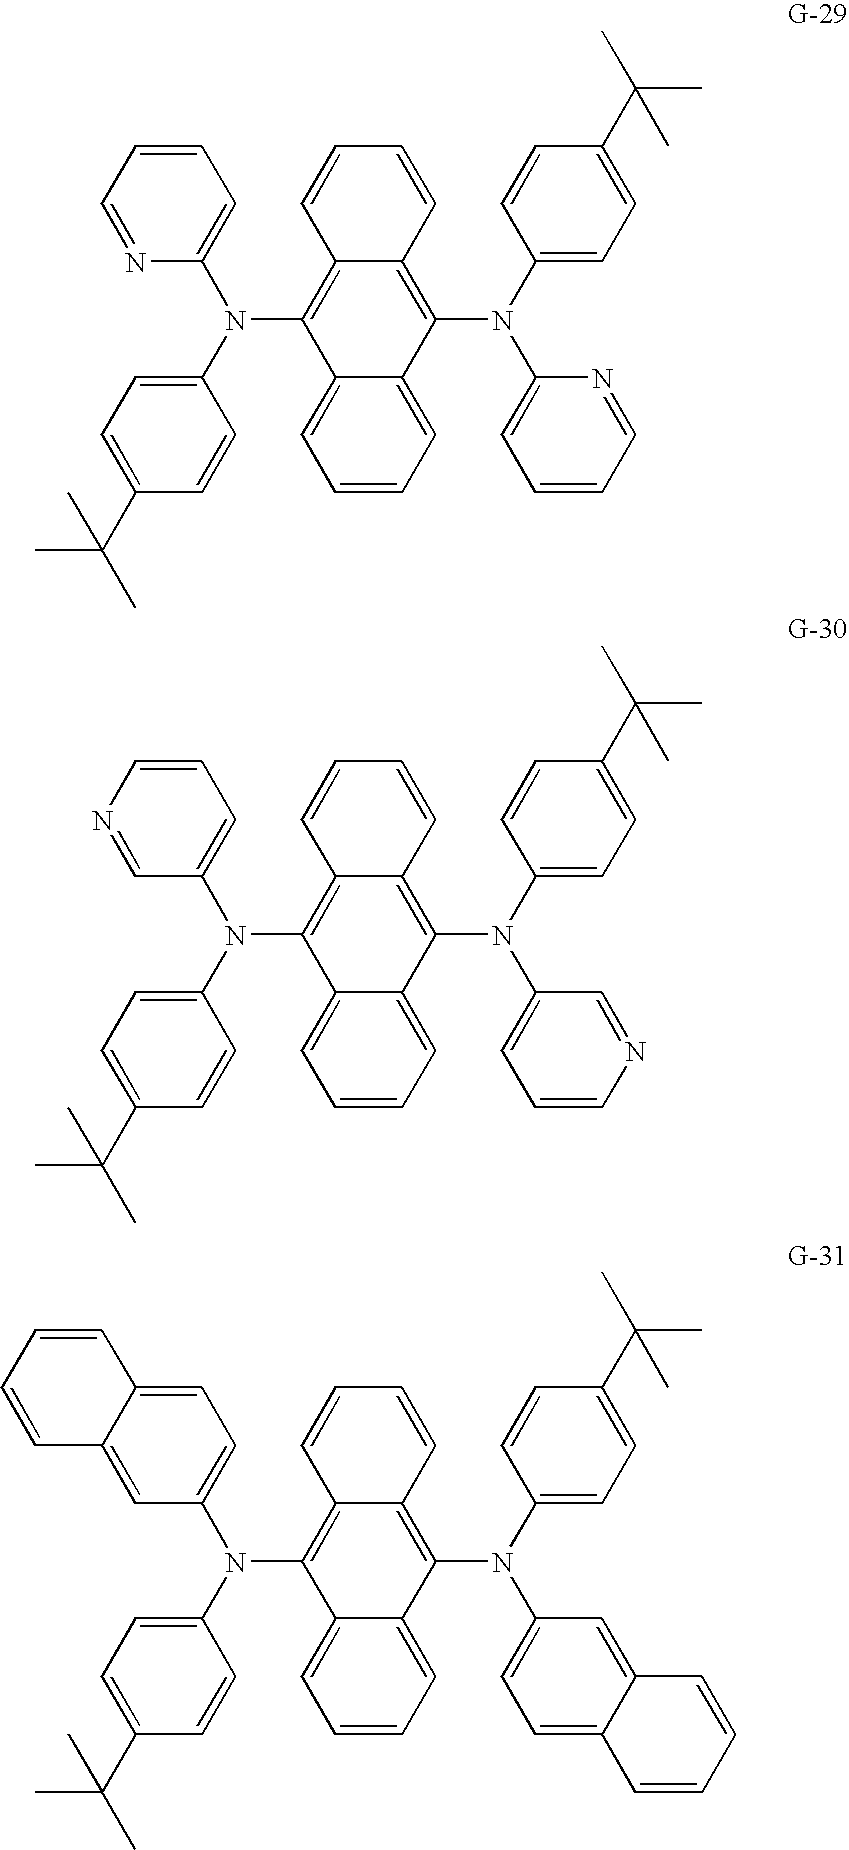 Figure US07651788-20100126-C00051